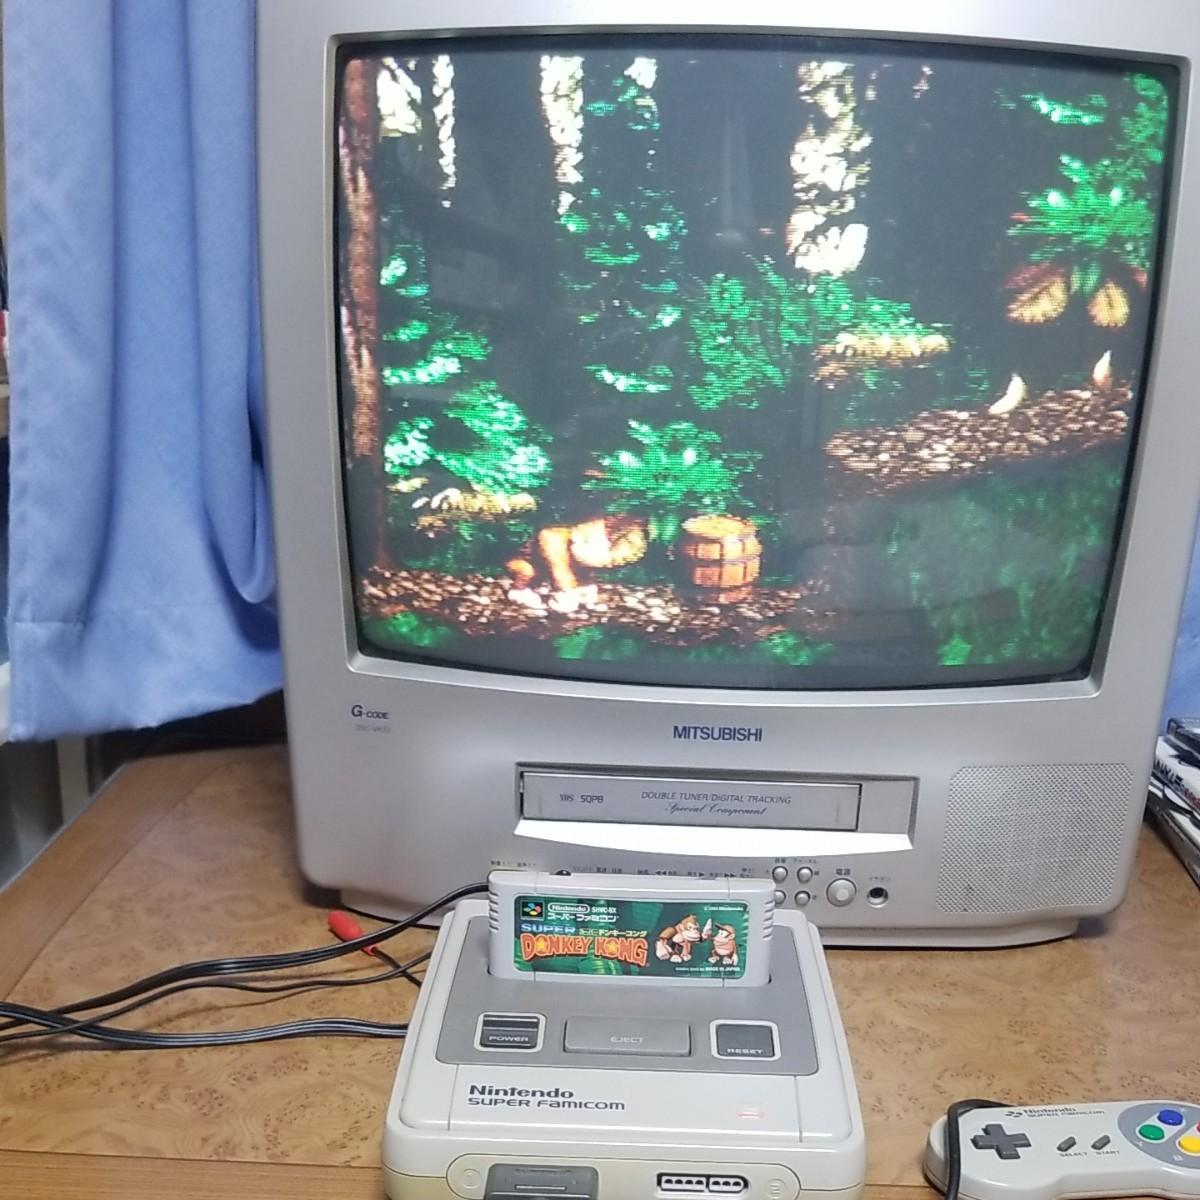 スーパーファミコン一式とマリオカート、ドンキーコング付送料込